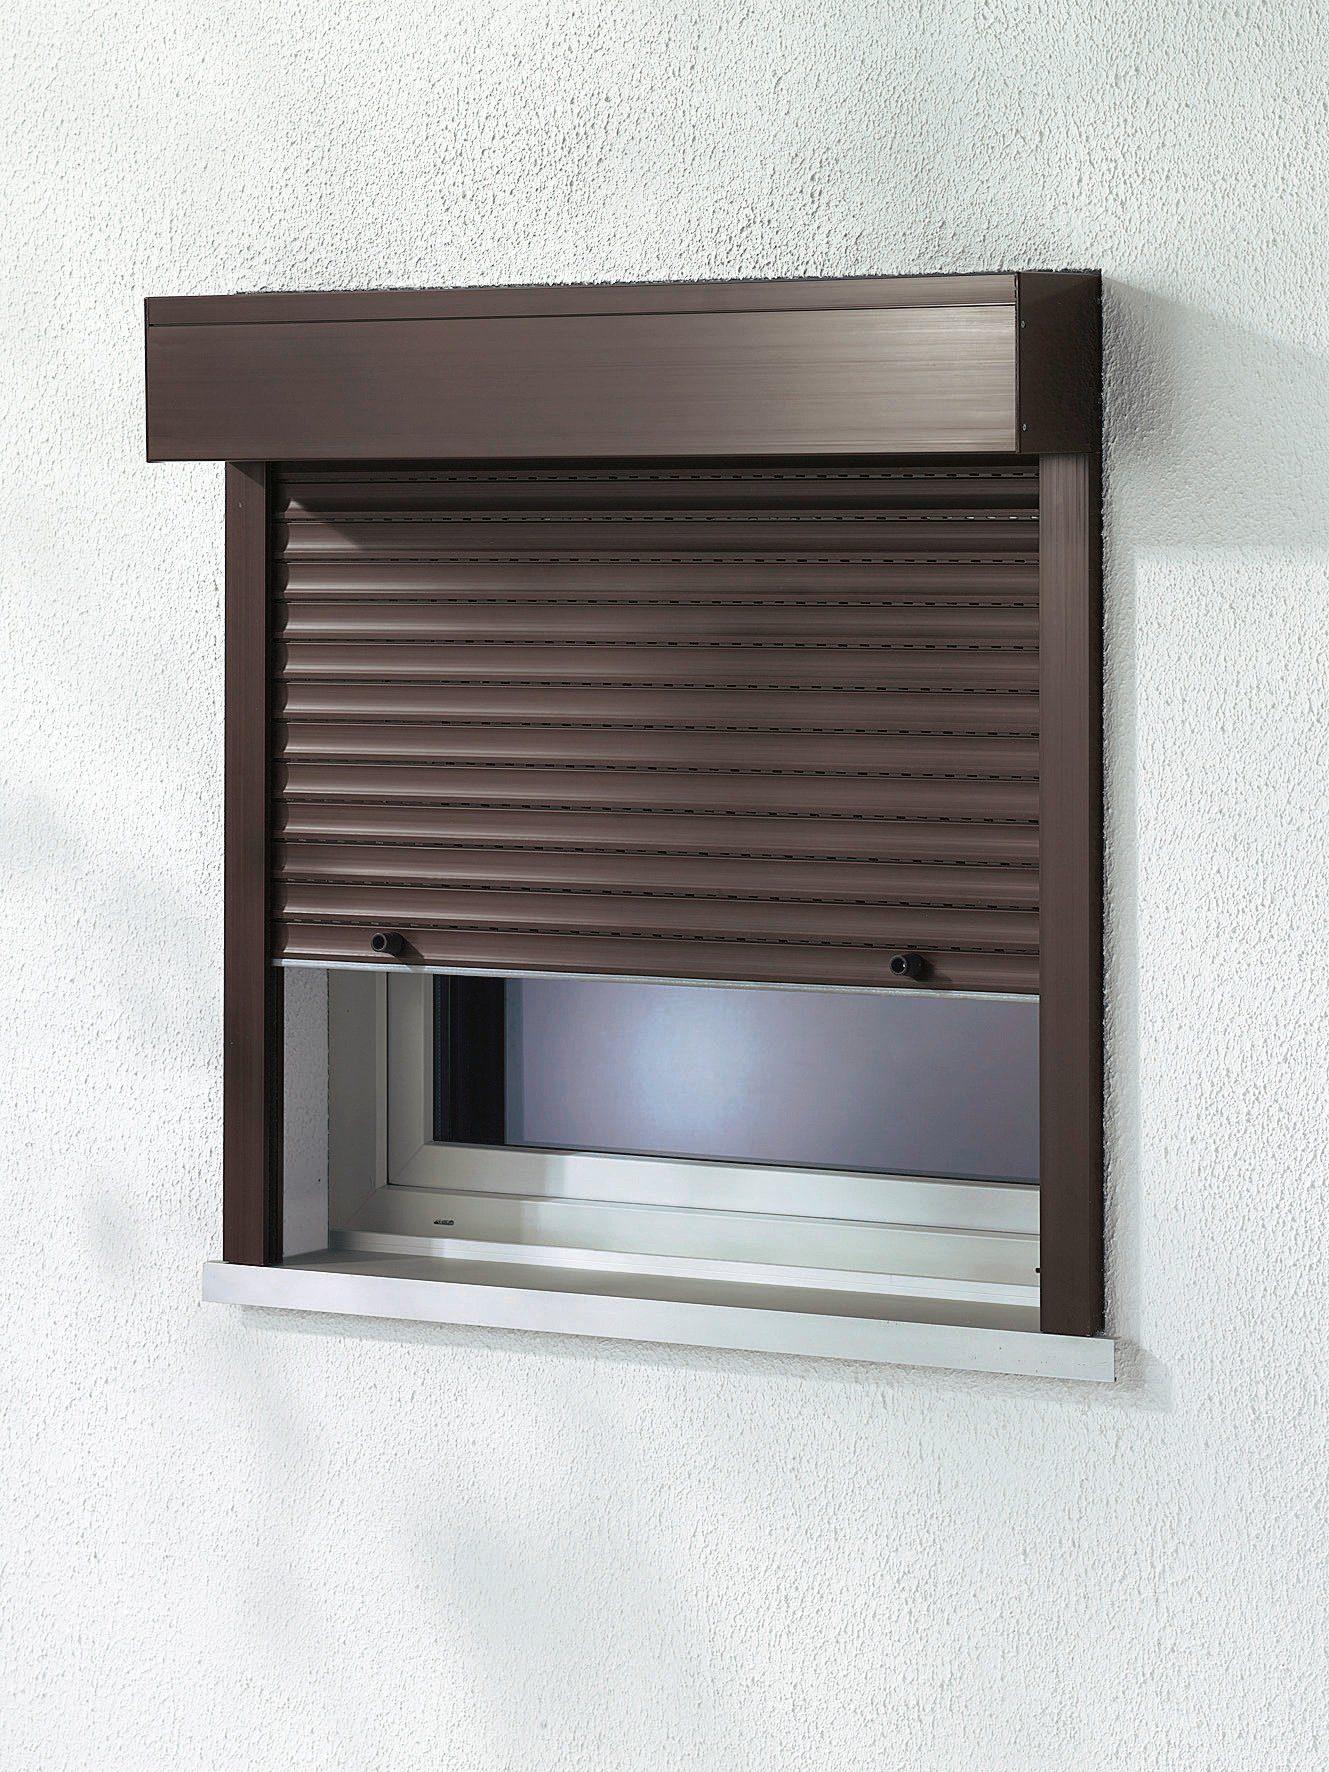 Kunststoff »Vorbau-Rollladen« Festmaß« BxH: 100x130 cm, braun